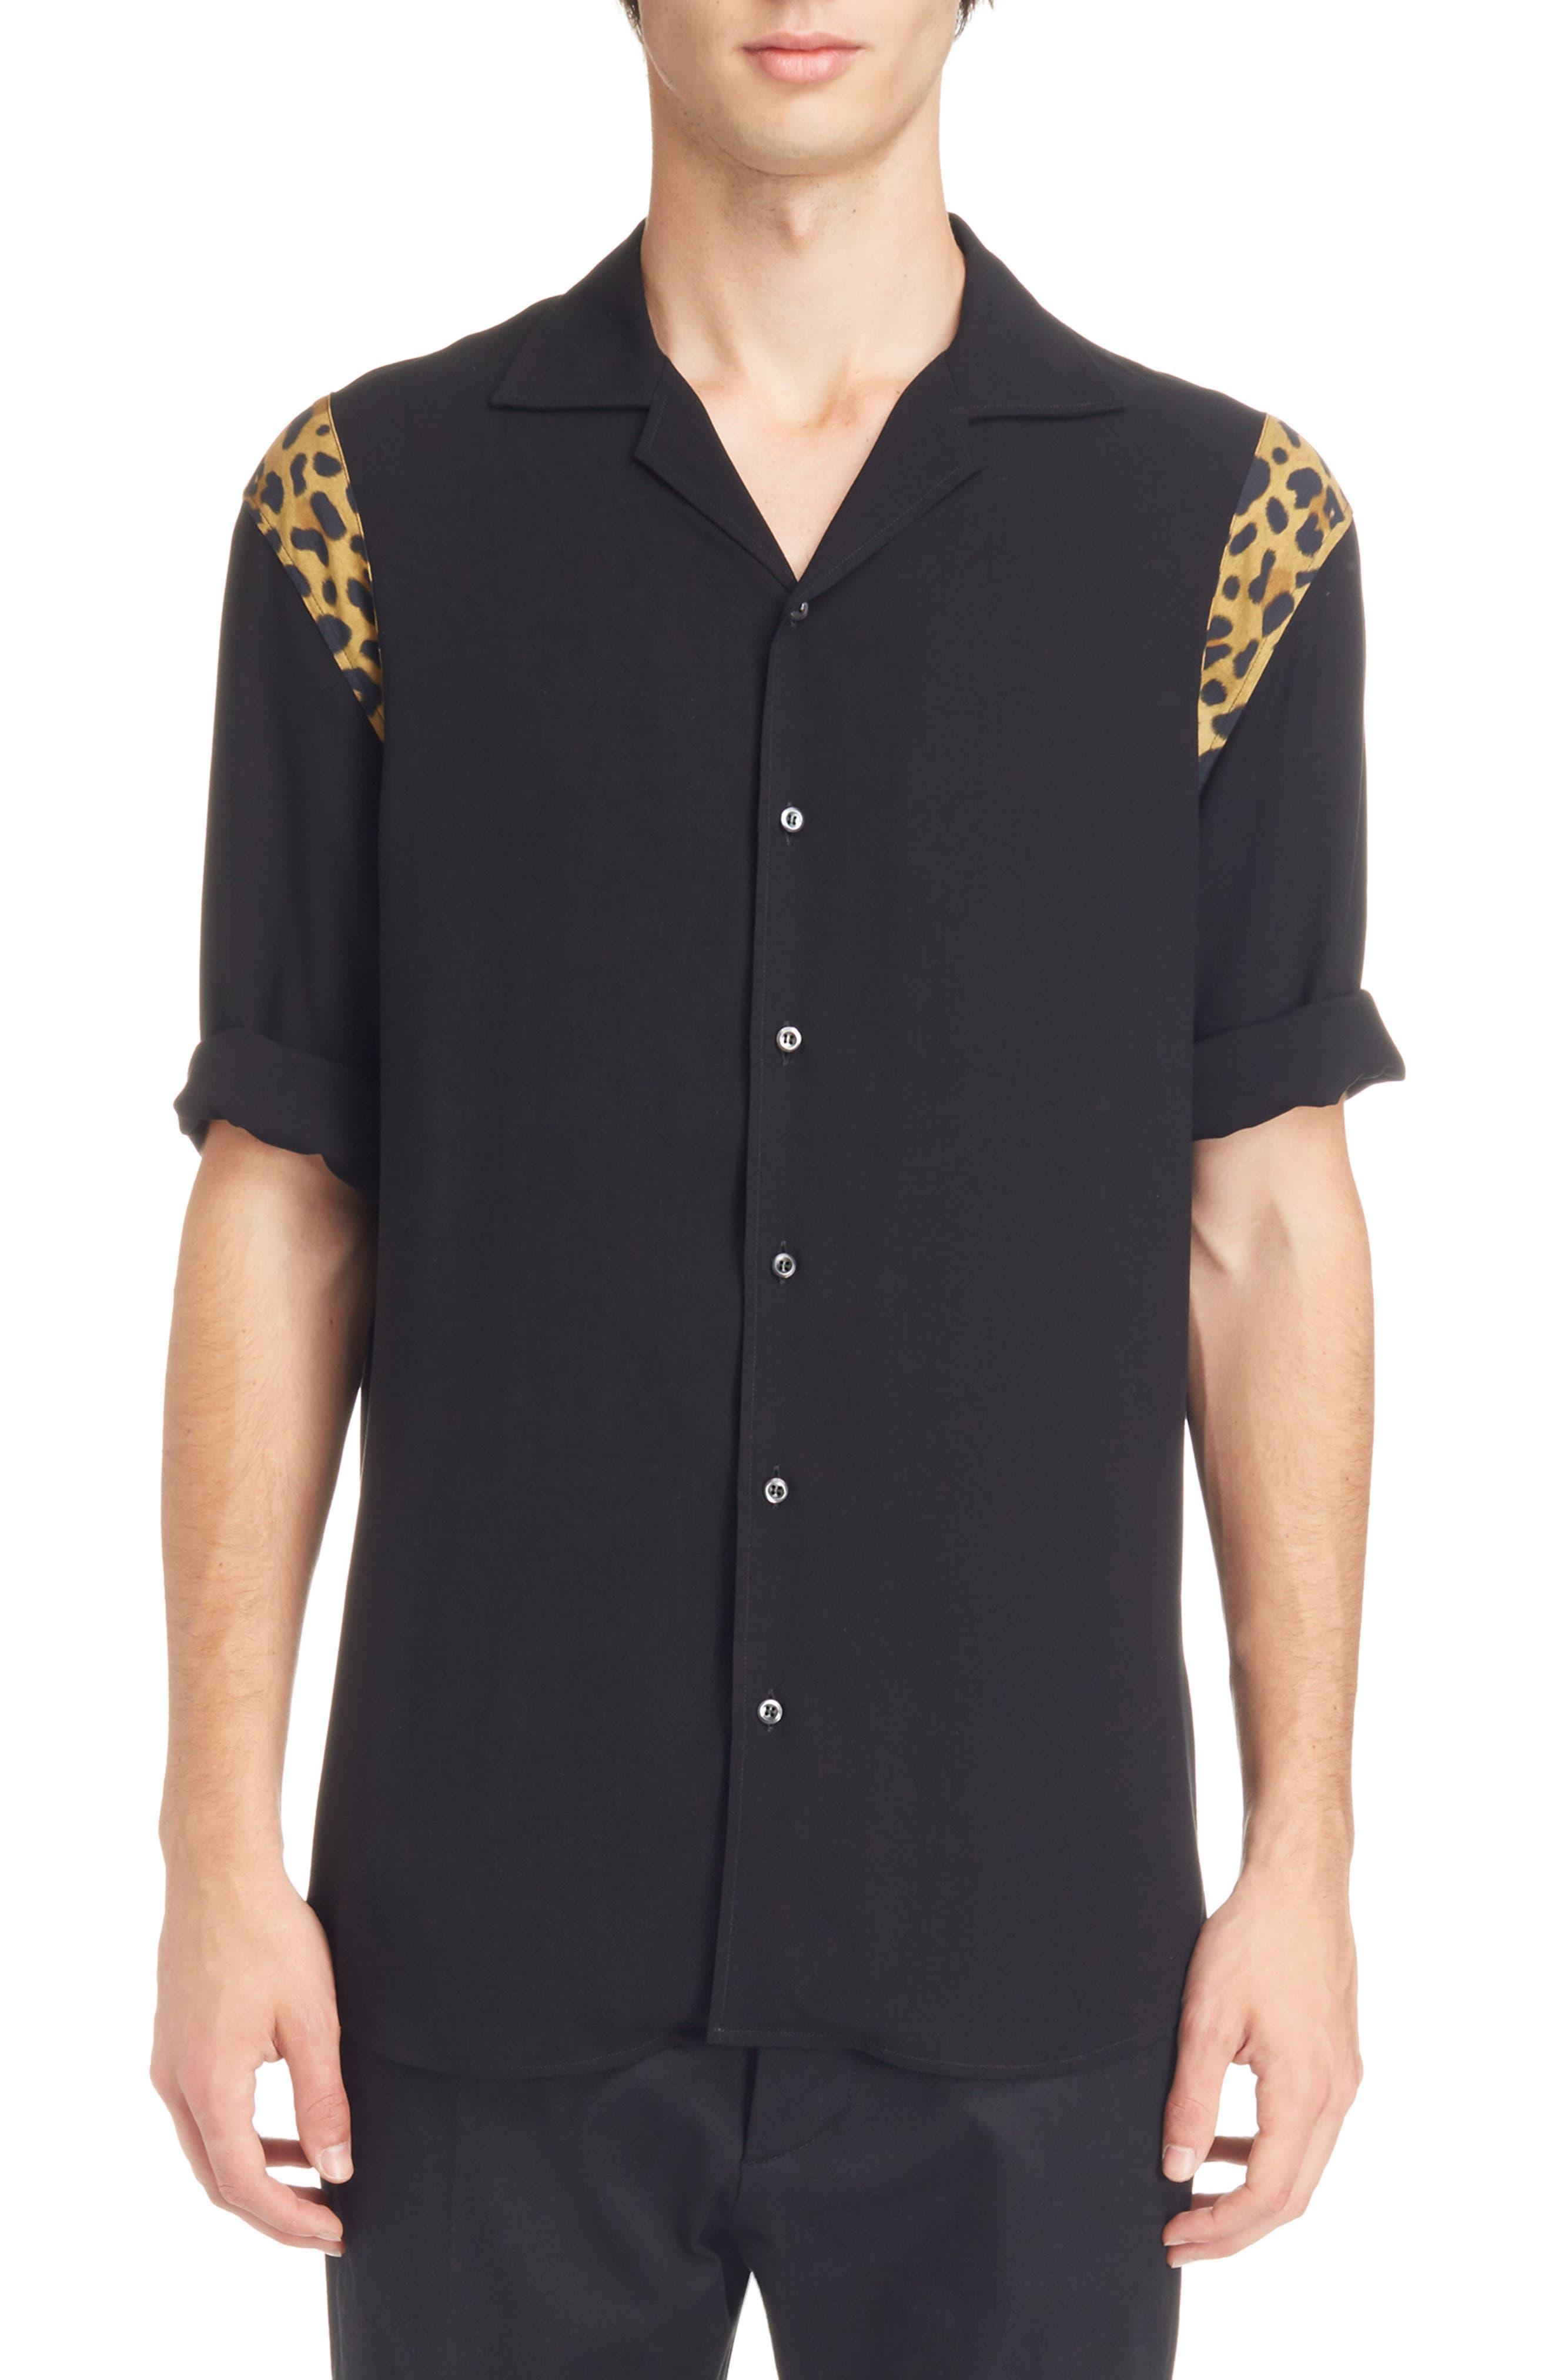 Bowling Shirt,                             Main thumbnail 1, color,                             Black